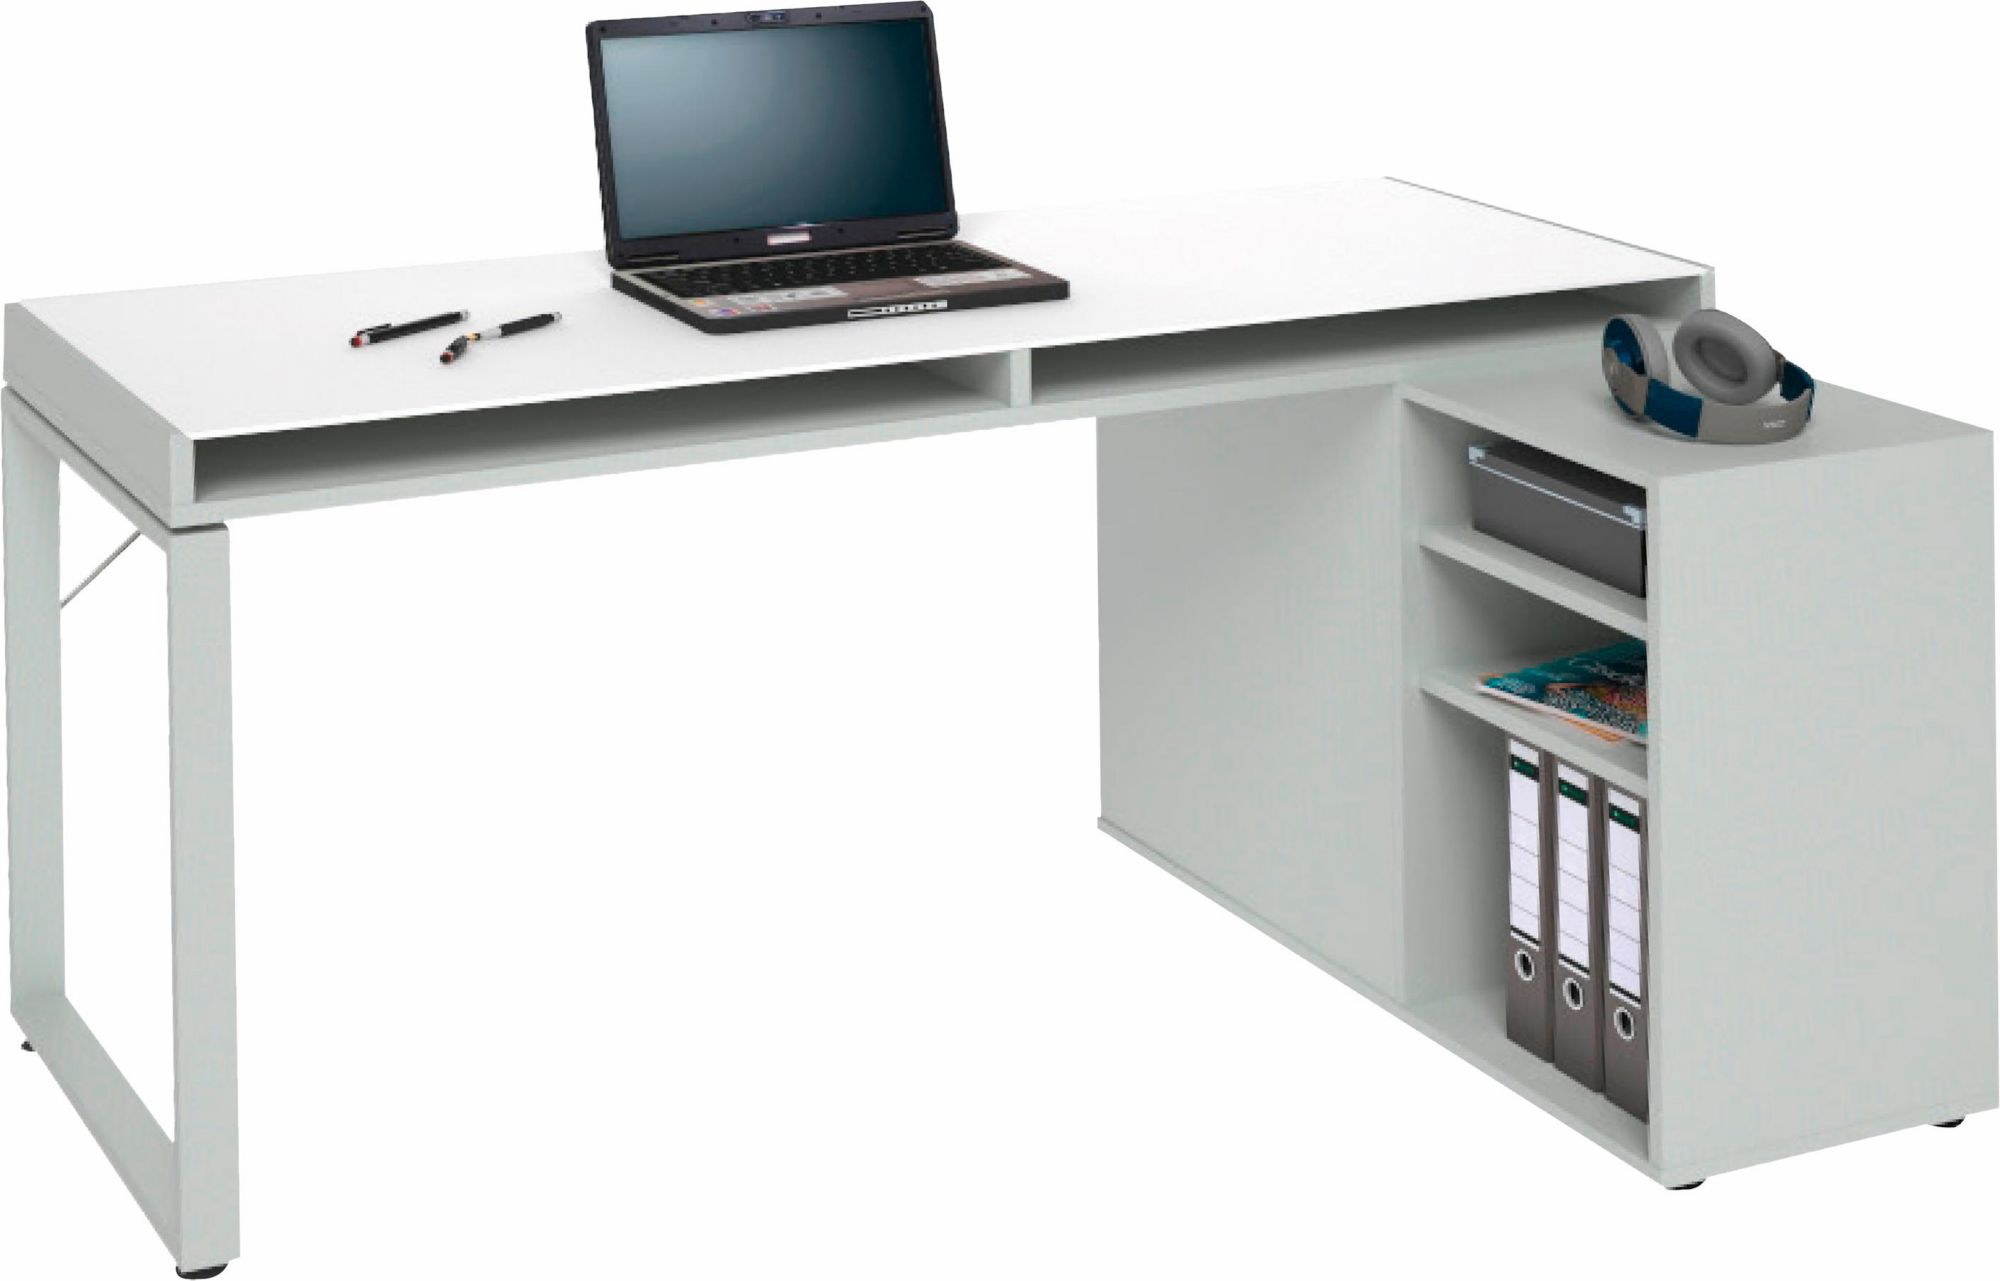 schreibtisch maja g nstig online kaufen beim schwab versand. Black Bedroom Furniture Sets. Home Design Ideas